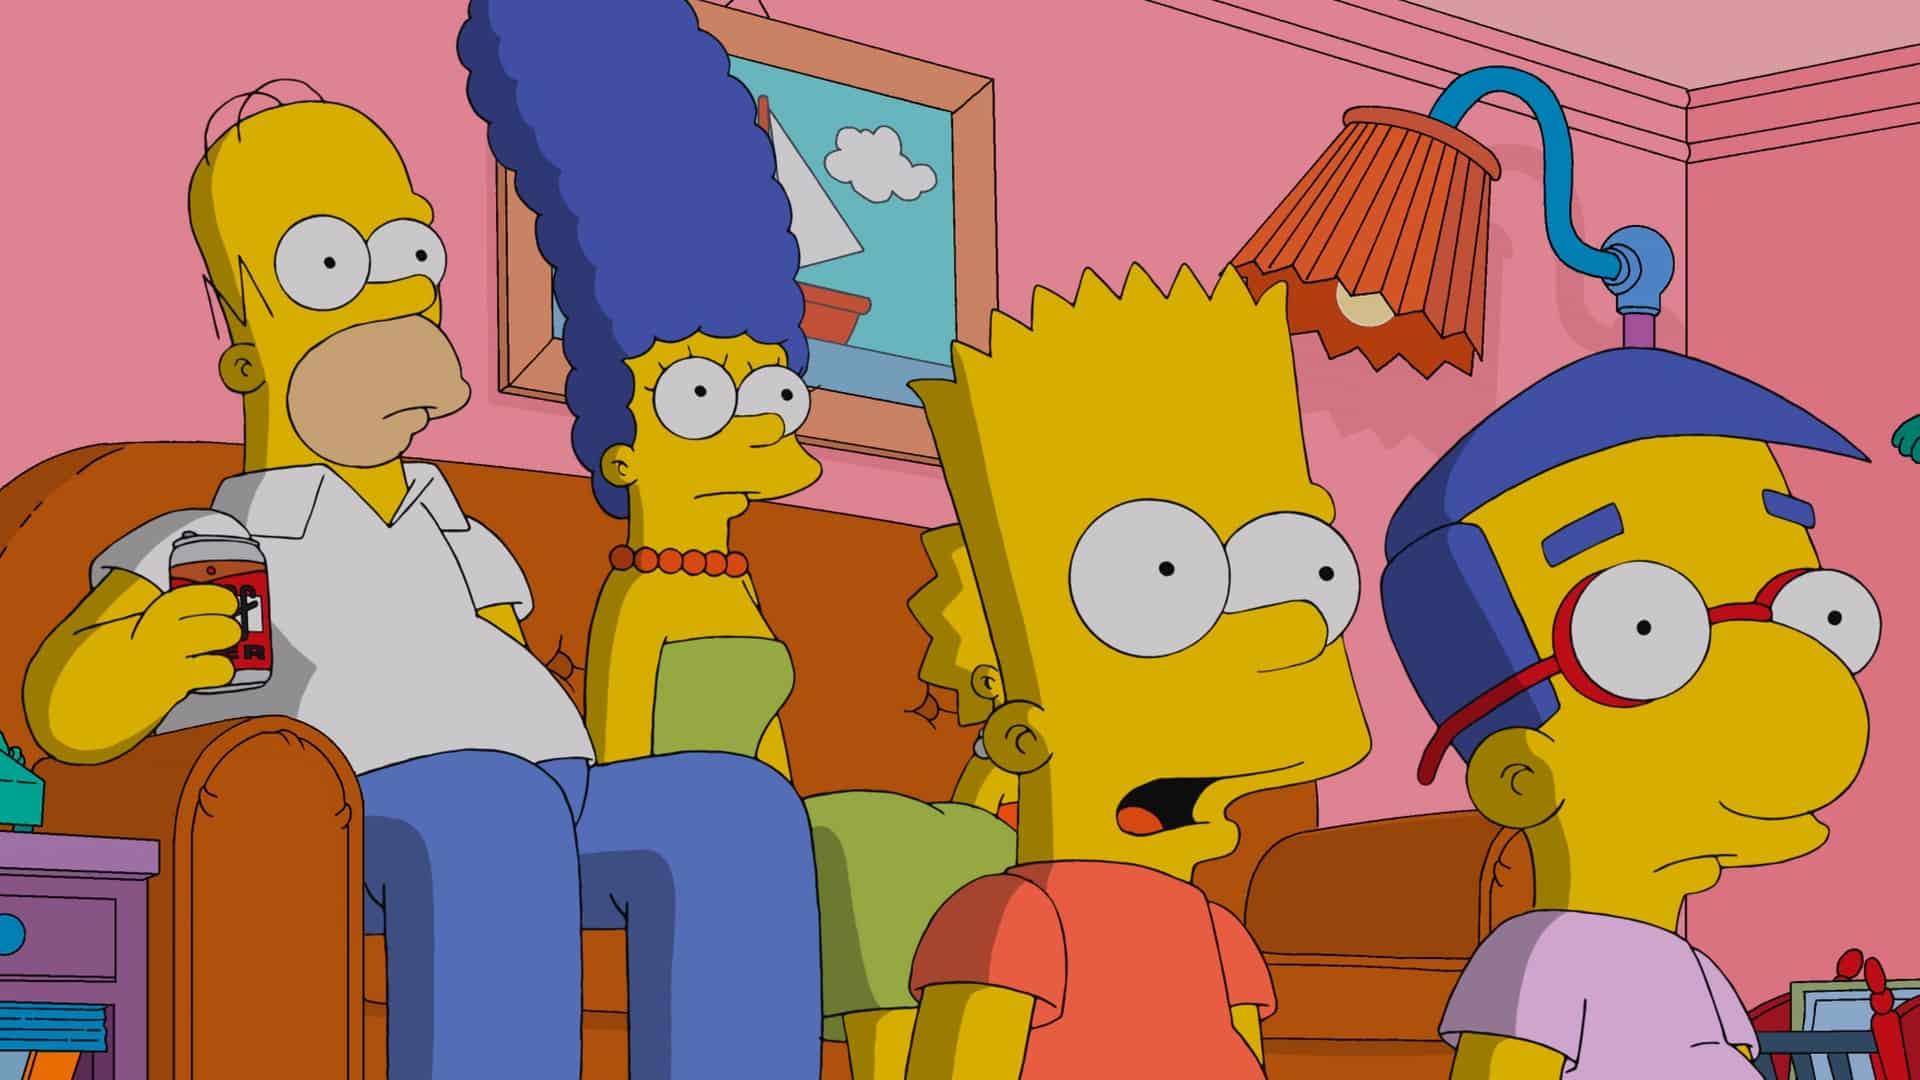 Ďalších TOP 5 fanúšikovských teórii o populárnom seriáli Simpsonovci